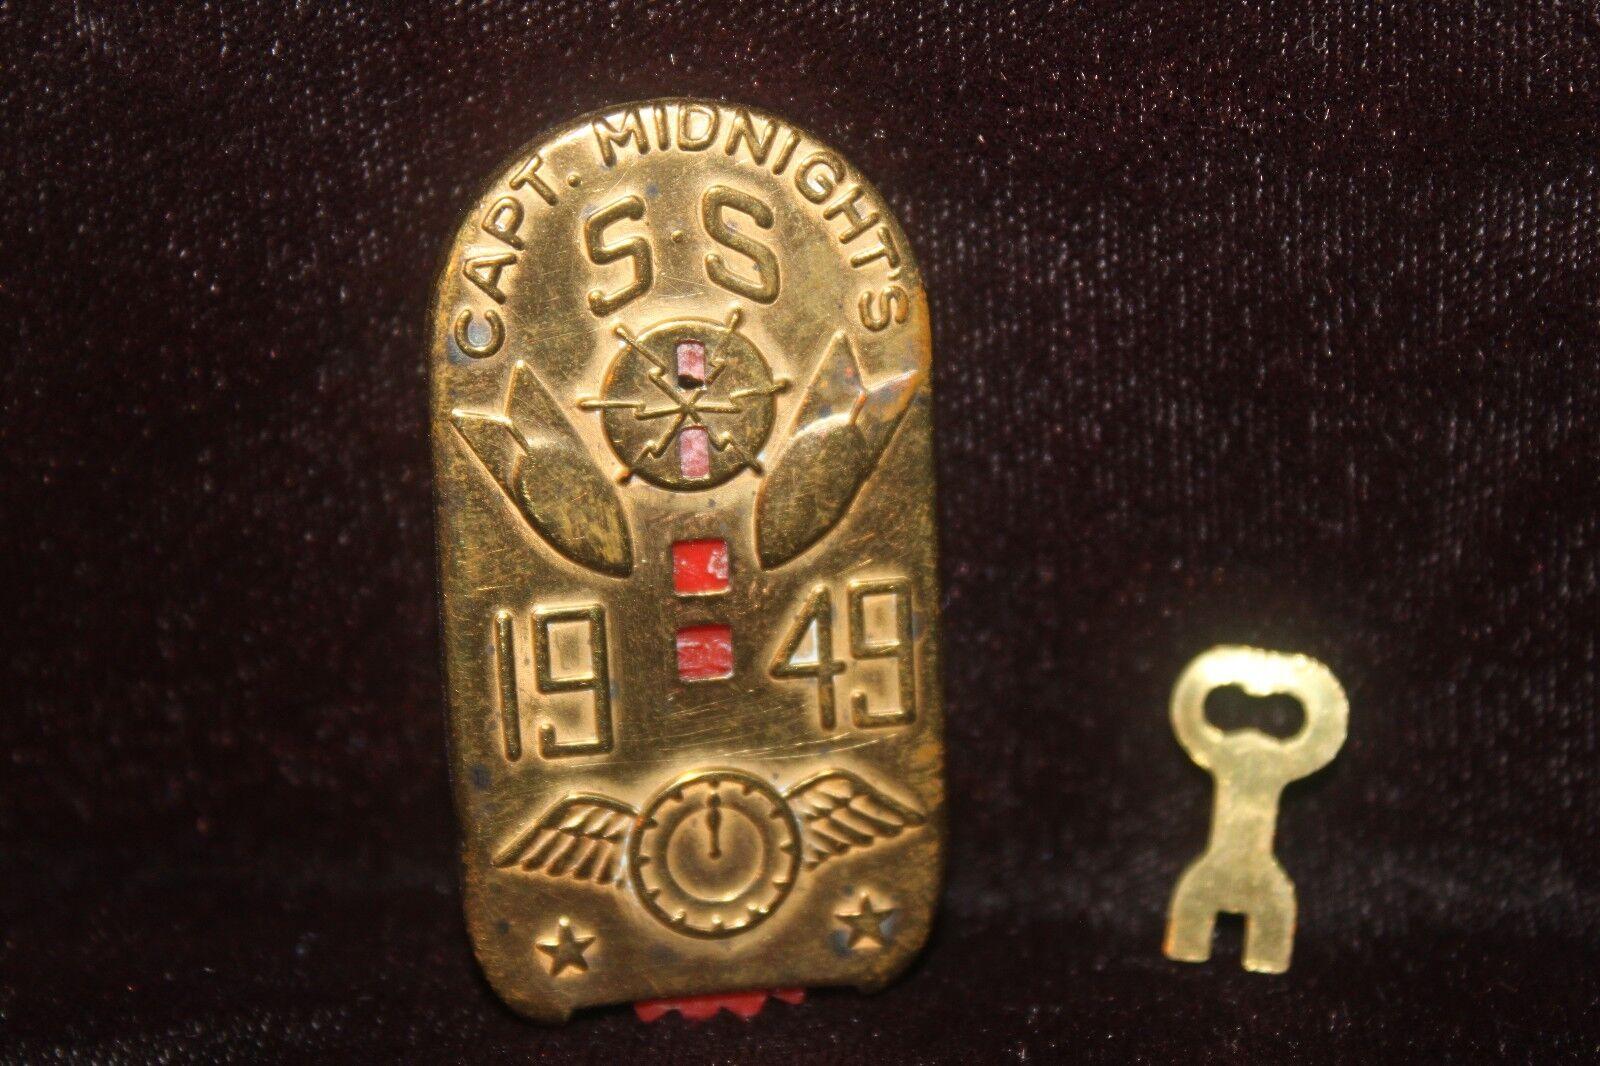 Capitán Medianoche 1949 ss clave-o-matic decodificador con llave radio Premium Excelente